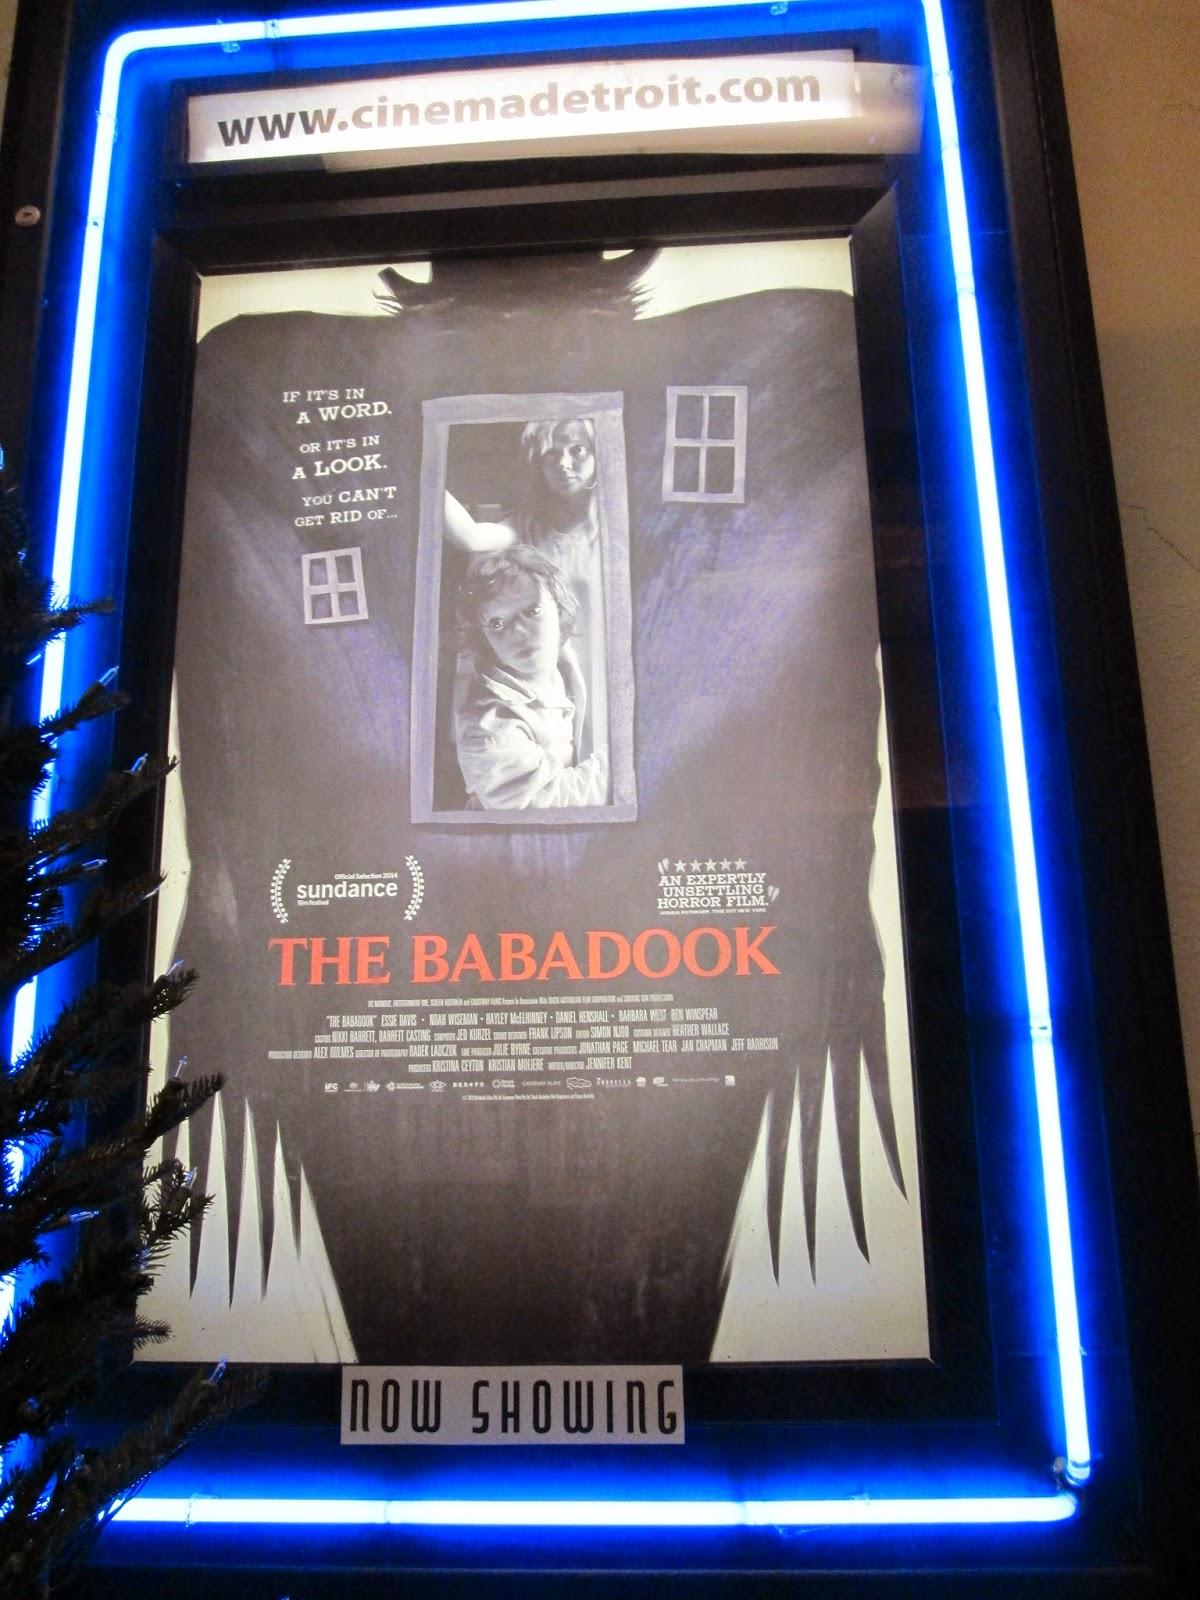 The Babadook At Cinema Detroit